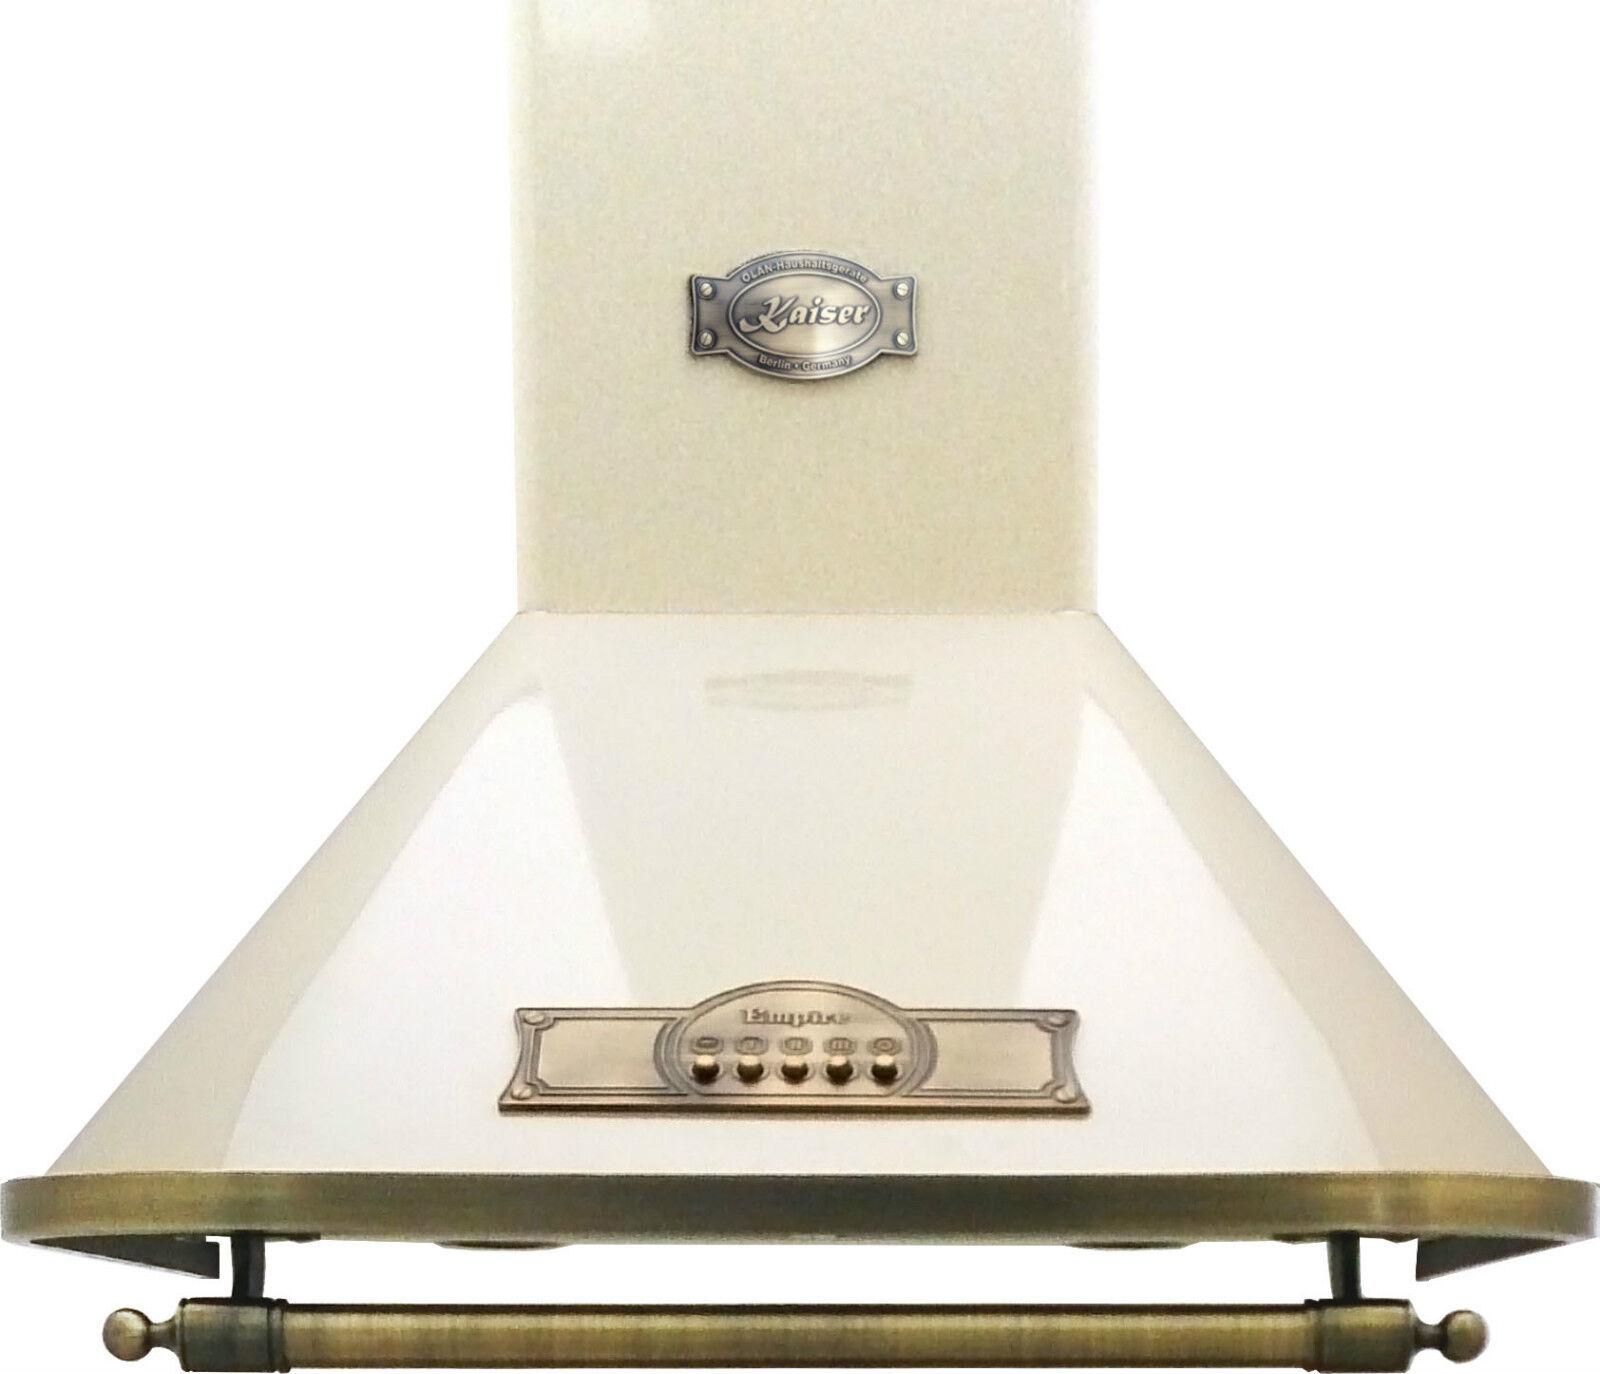 wandhaube 60cm kaiser dunstabzugshaube 910m h elfenbein griff bronze mit umluft eur 332 49. Black Bedroom Furniture Sets. Home Design Ideas